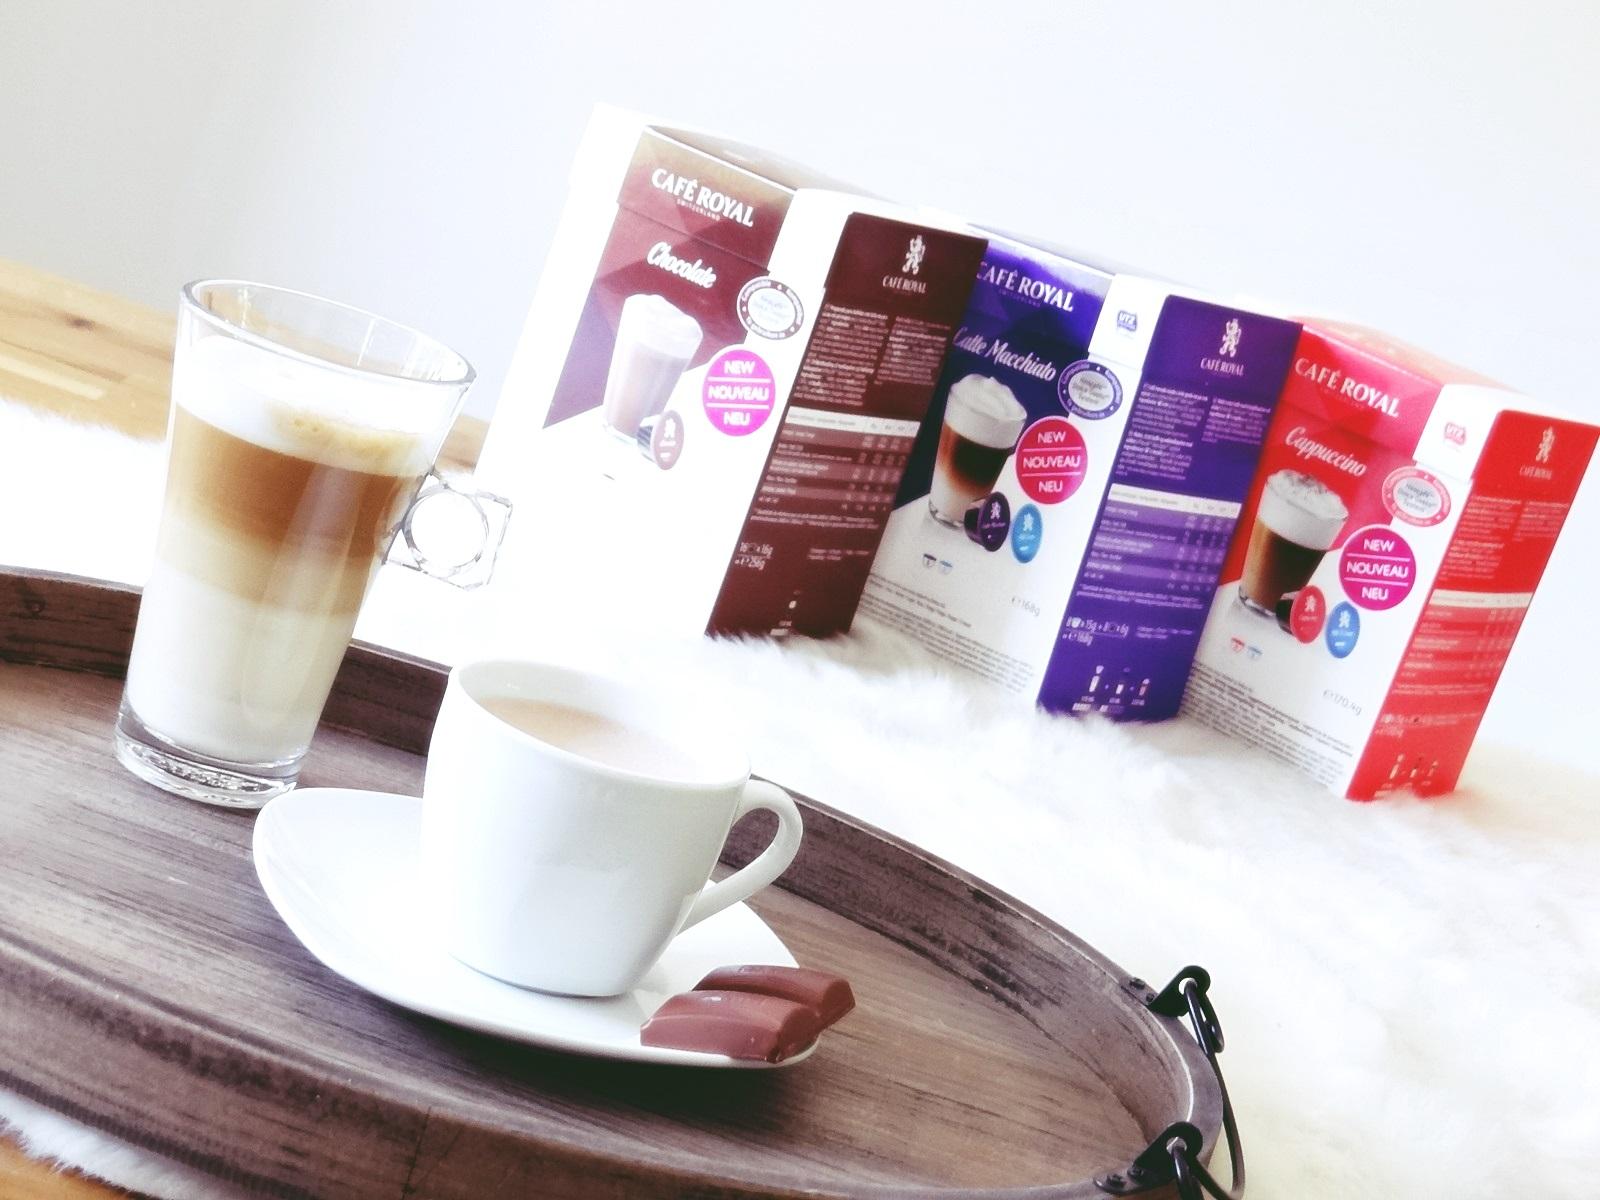 cafe-royal-kapseln-fuer-nescafe-dolce-gusto